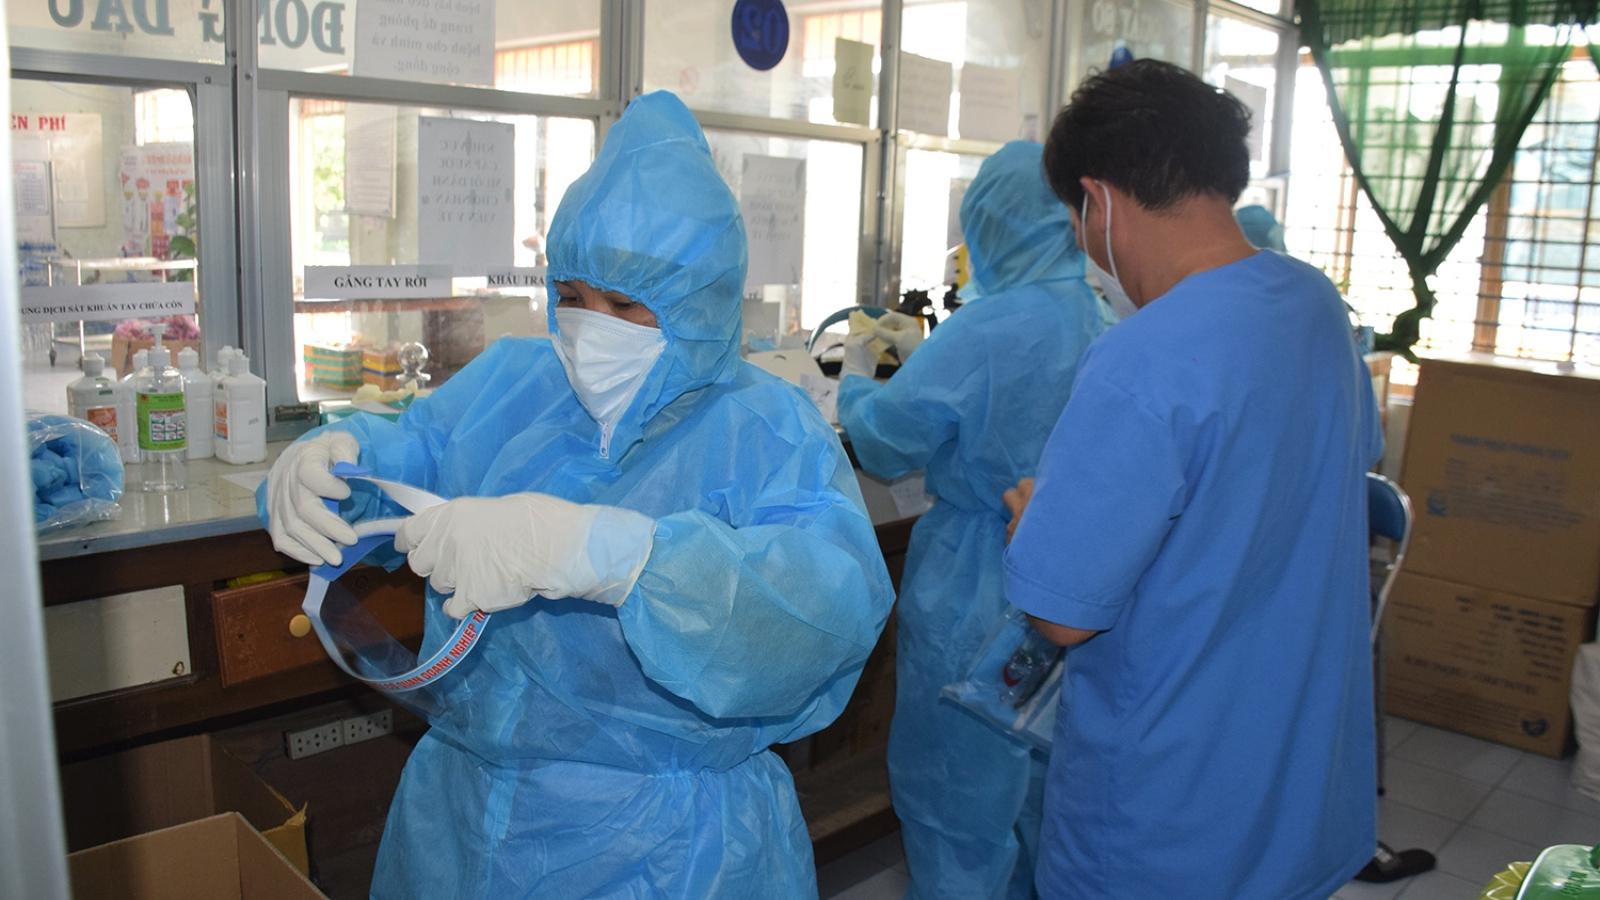 20 nhân viên y tế ở Phú Yên mắc Covid-19 trong quá trình tham gia chống dịch